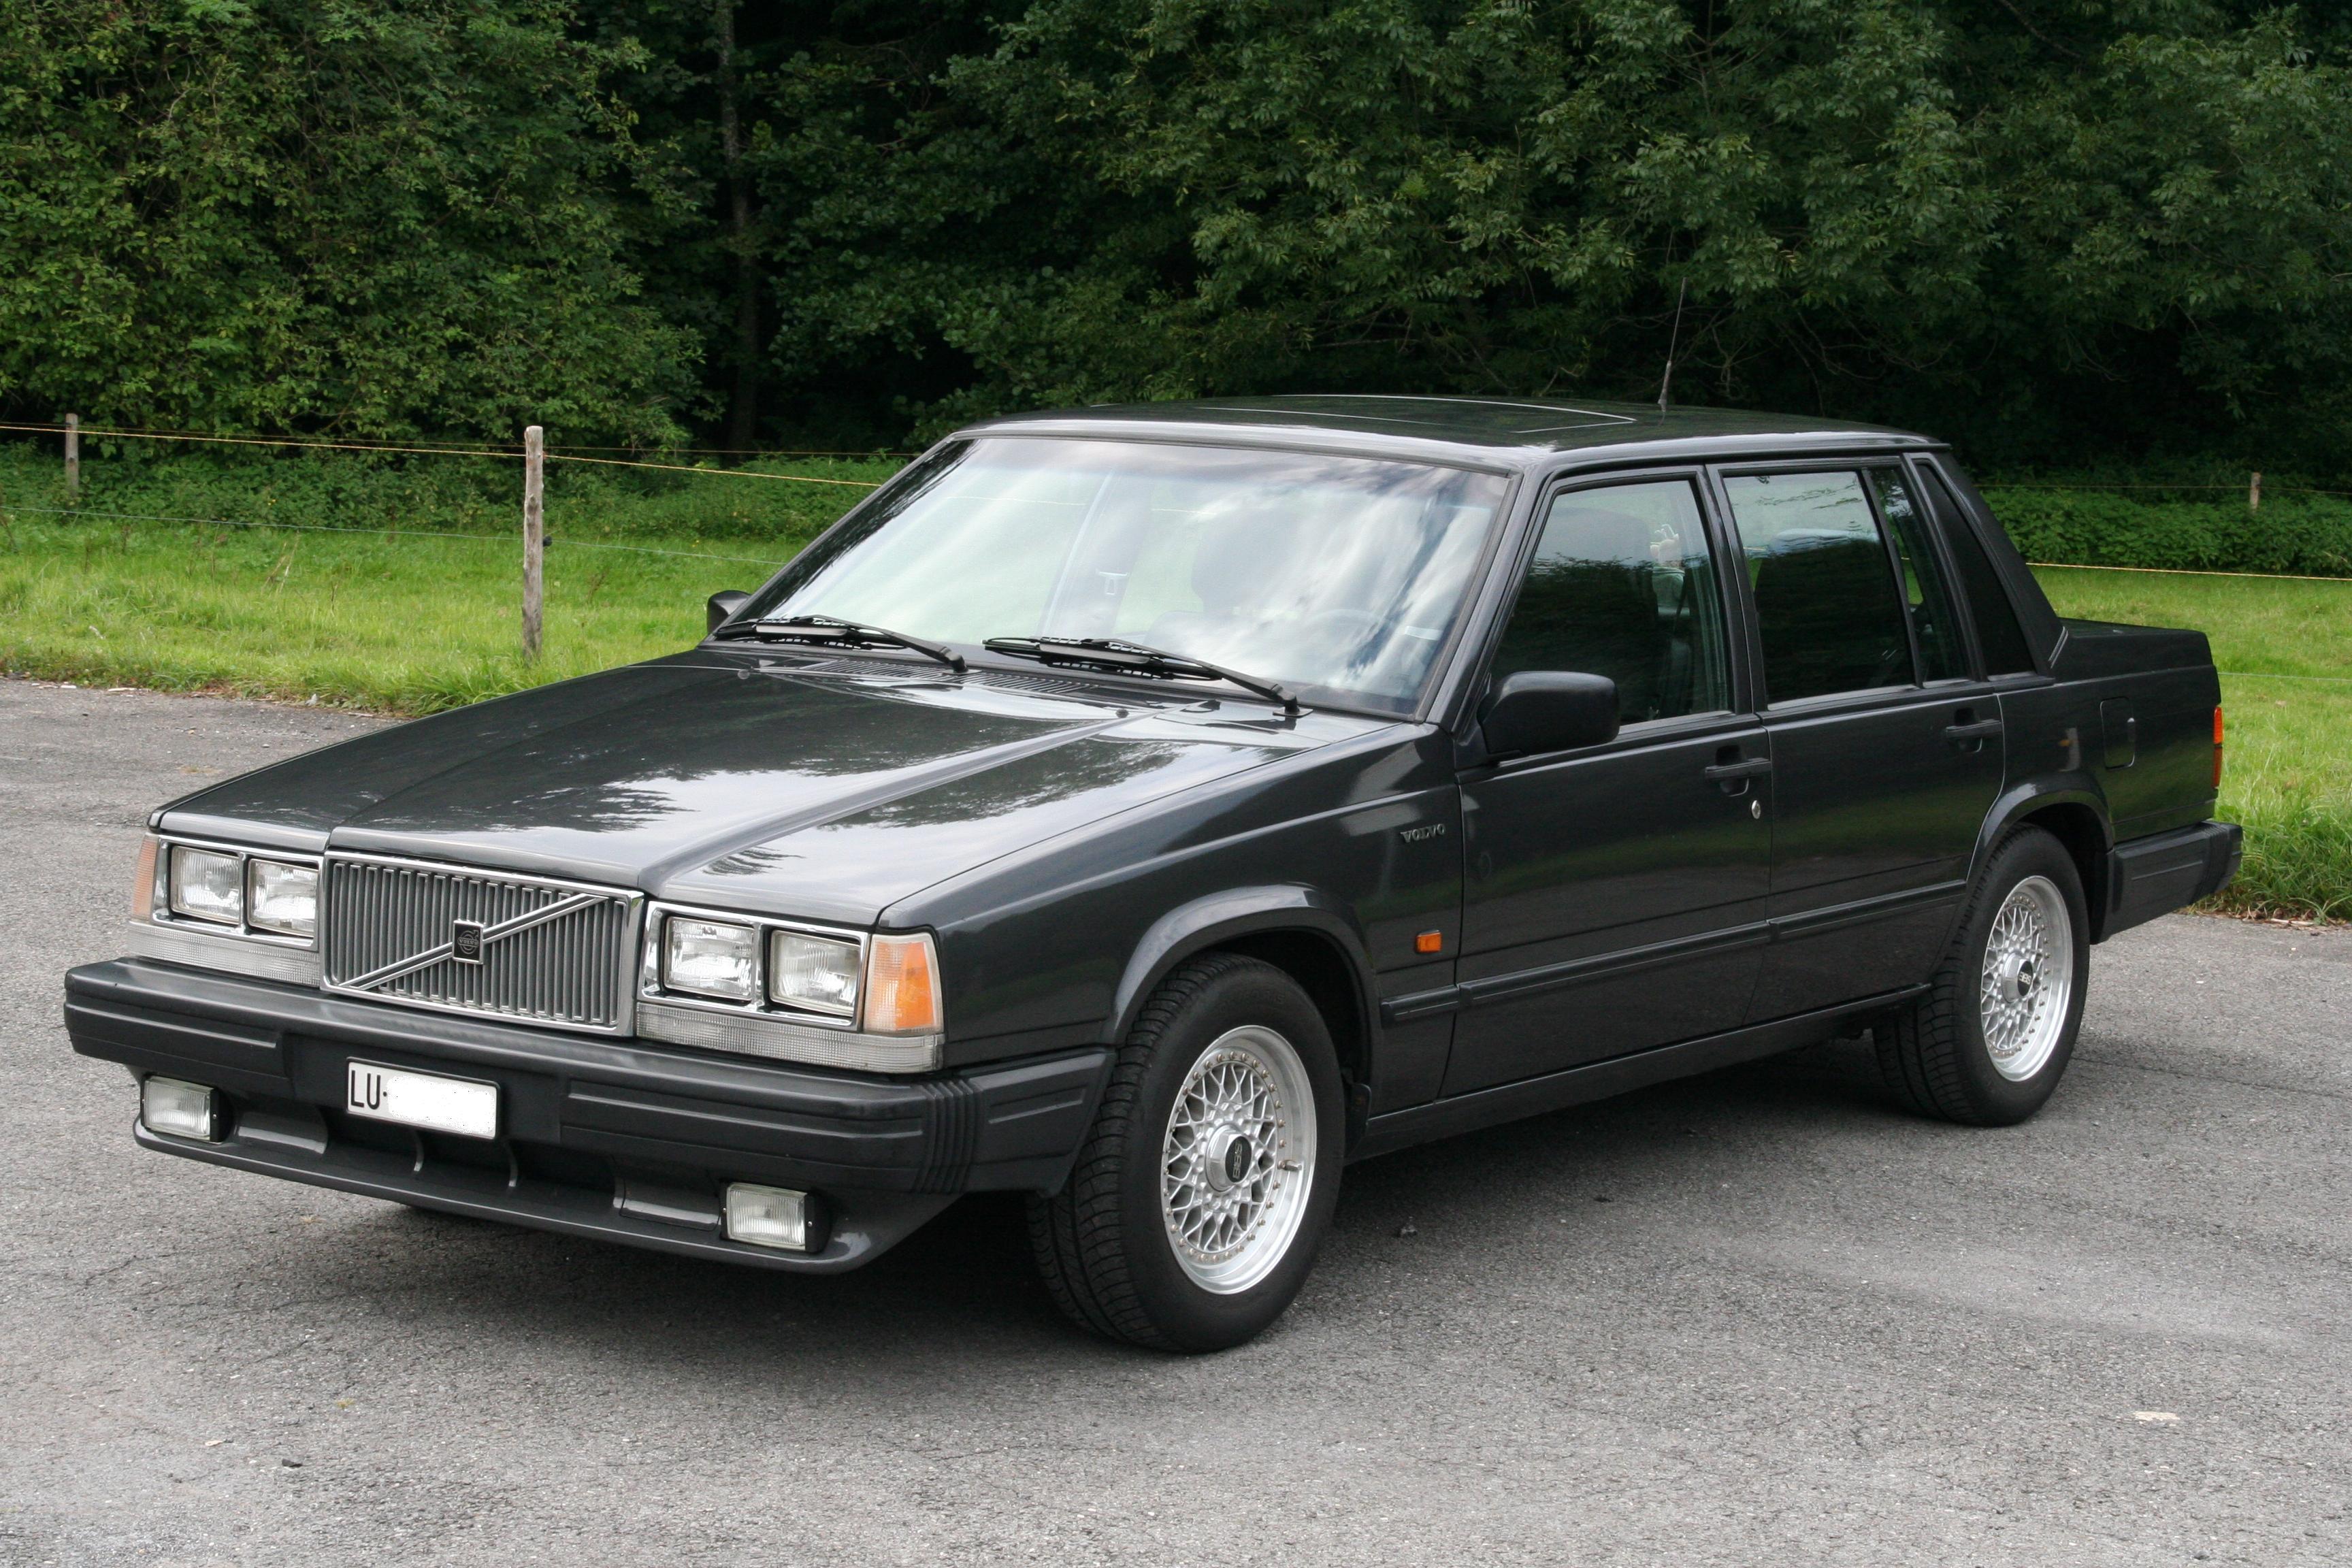 1989 Volvo 740 Glt Usa